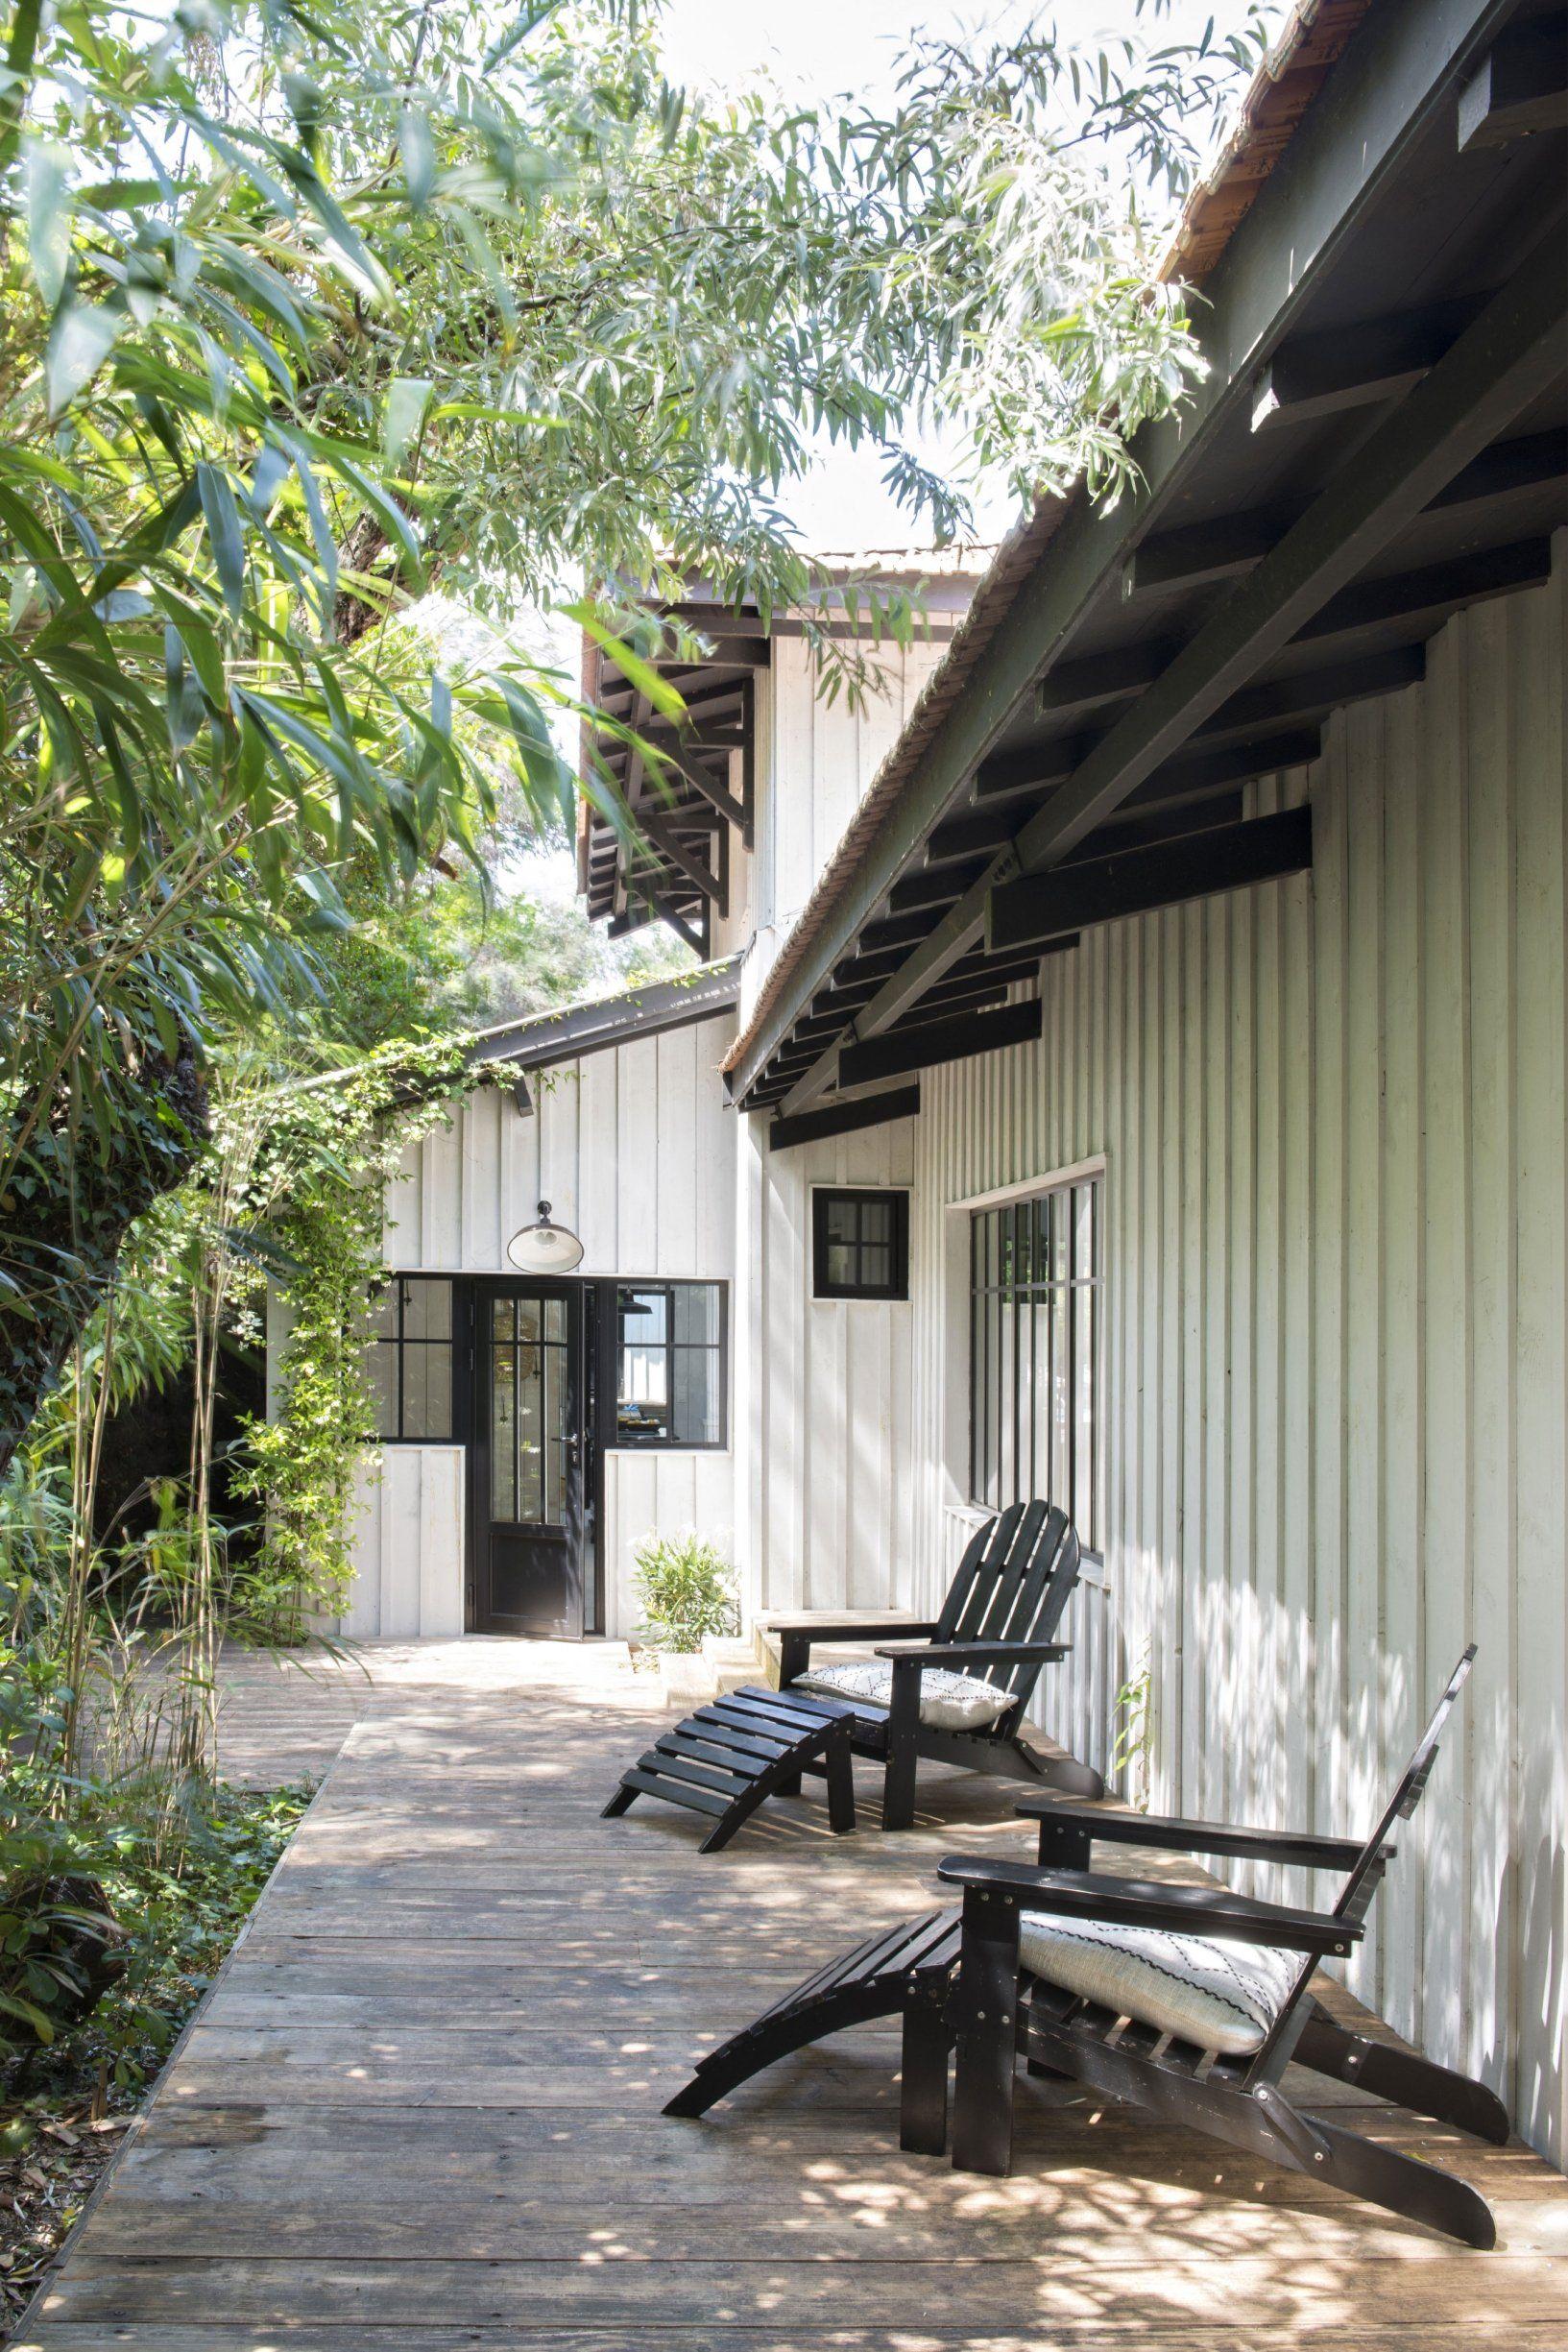 Maison Peinte En Blanc Exterieur la renaissance d'une cabane familiale au cap ferret